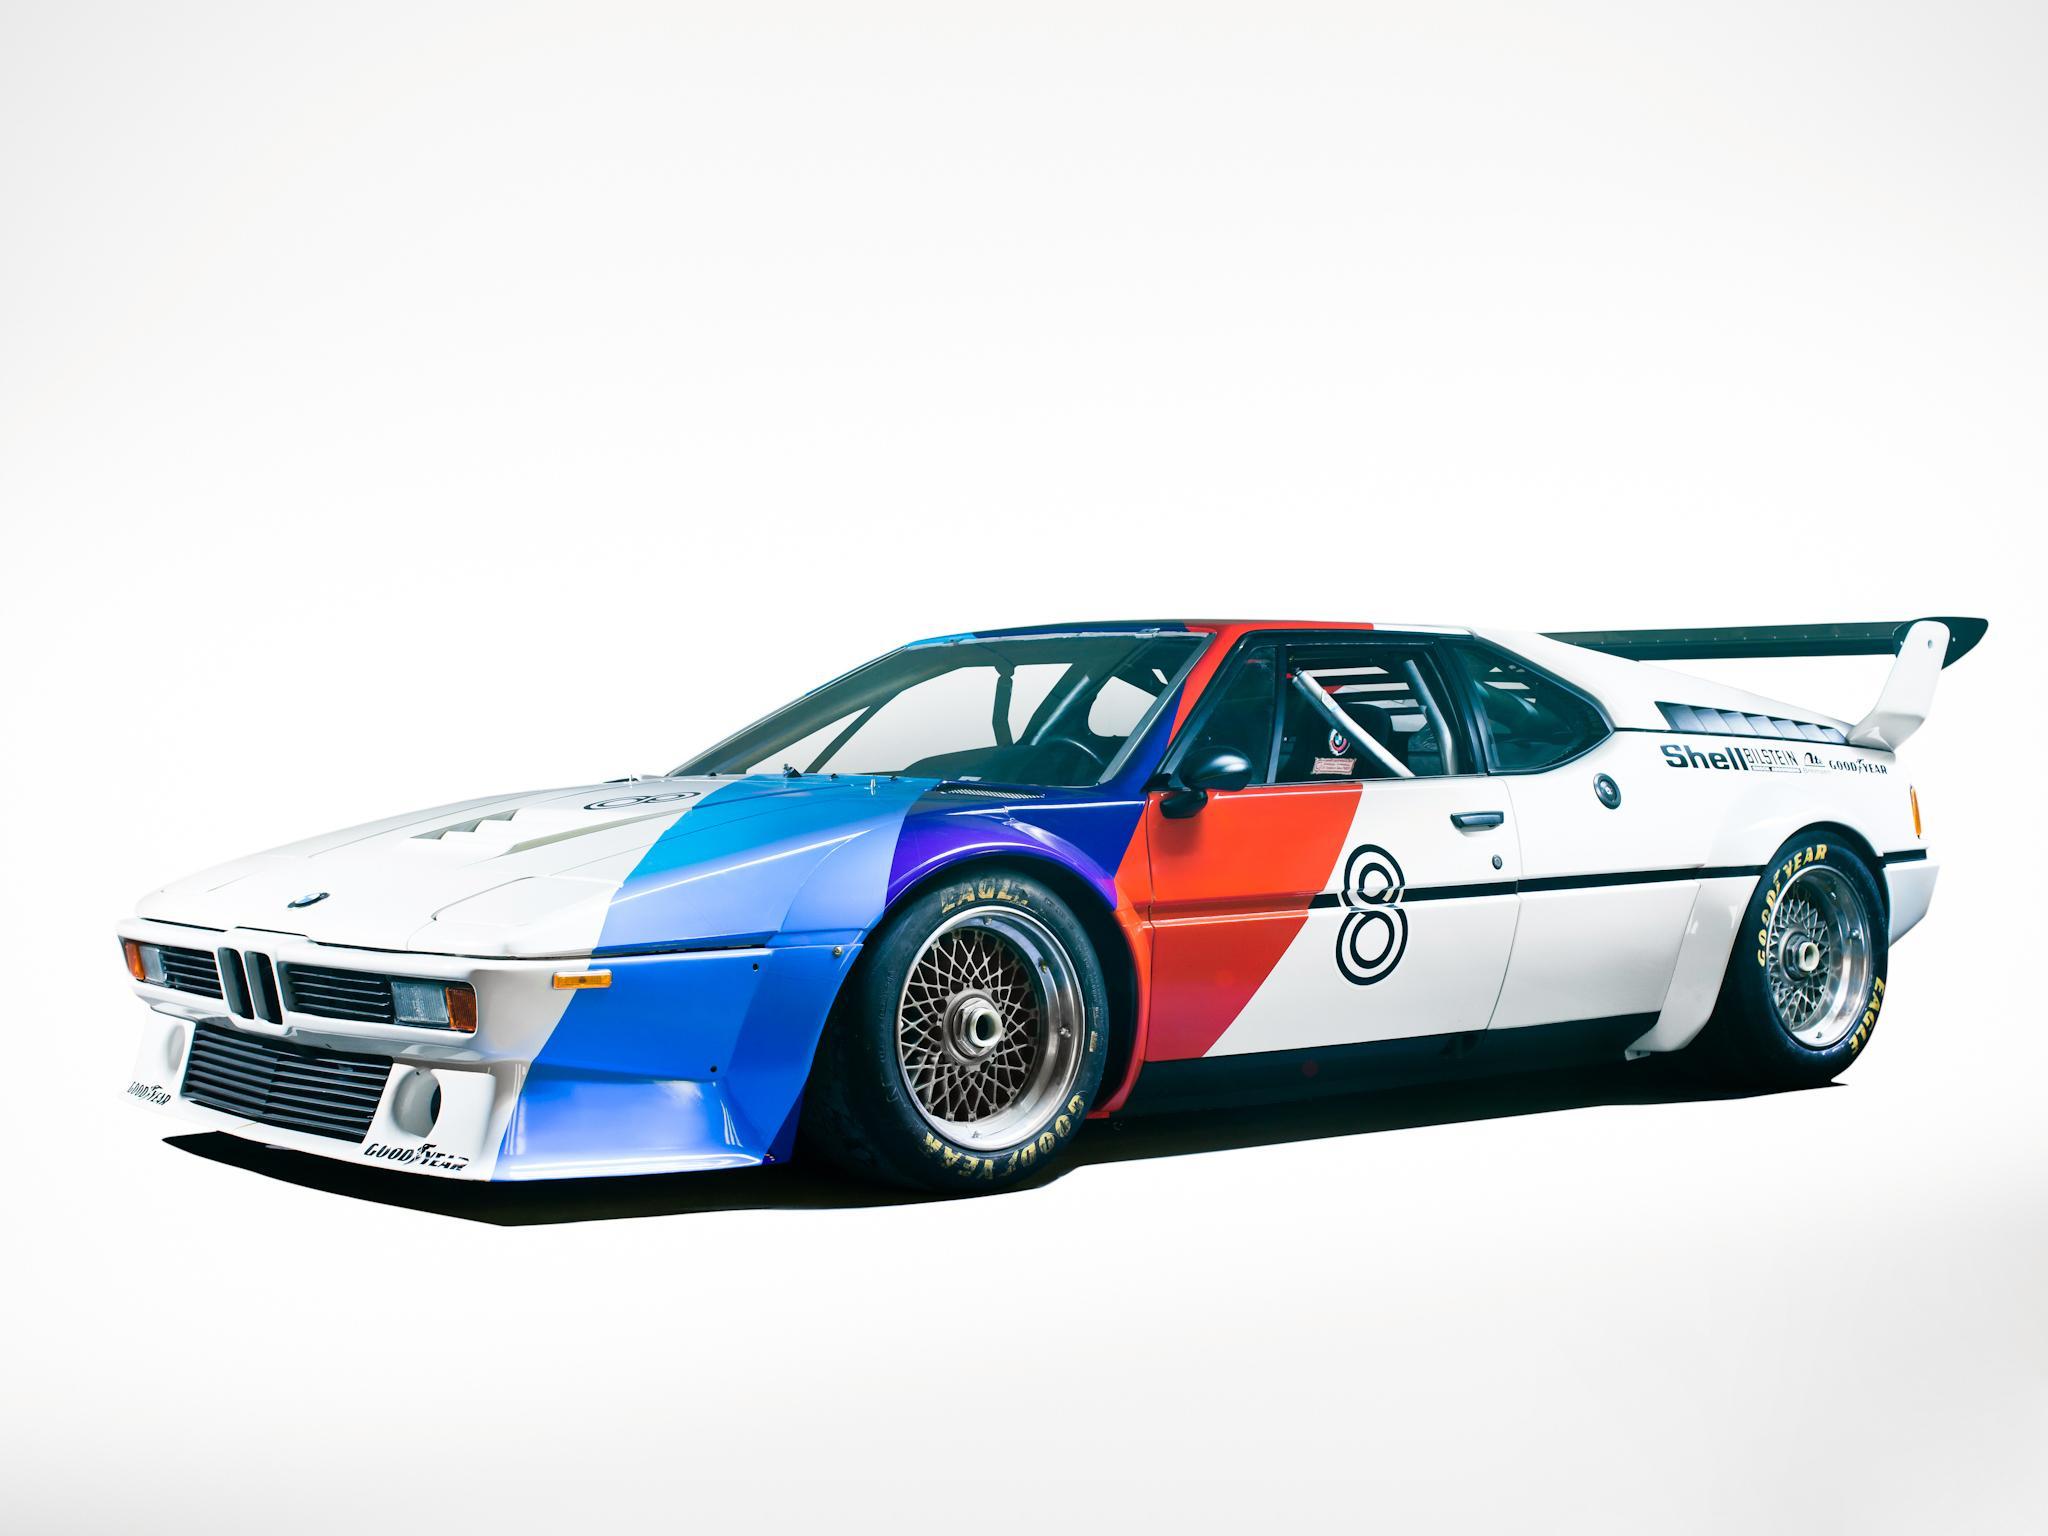 1982赛季,宝马首次参加F1的前因后果。与梦想无关,都是现实利益